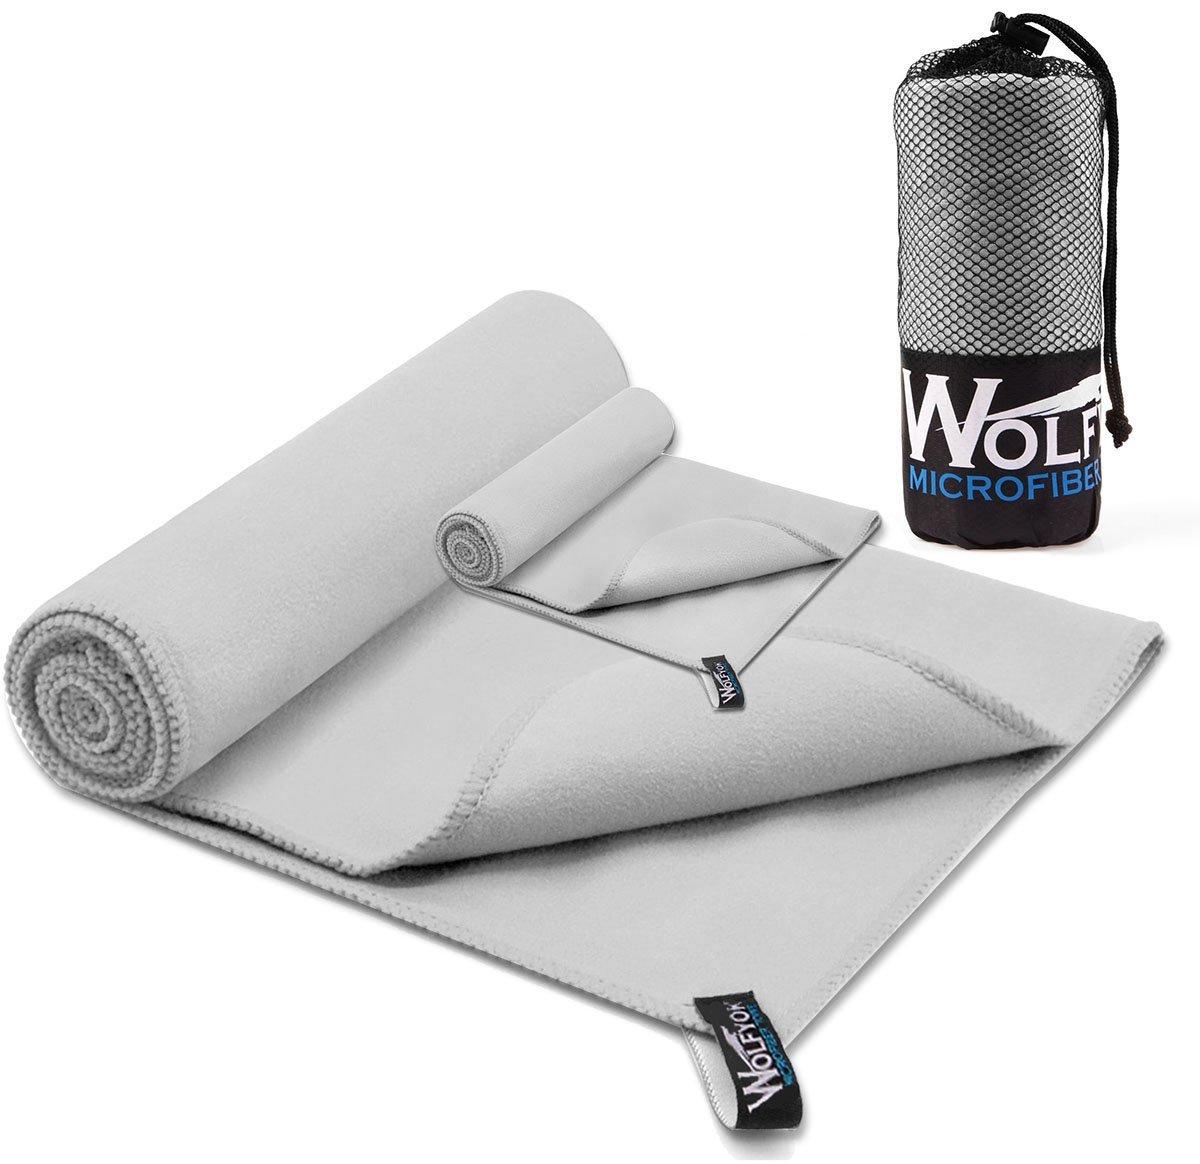 2 Handtücher aus Mikrofaser Wolfyok für Sport (148*75cm und 35*36cm) (amazon Prime)